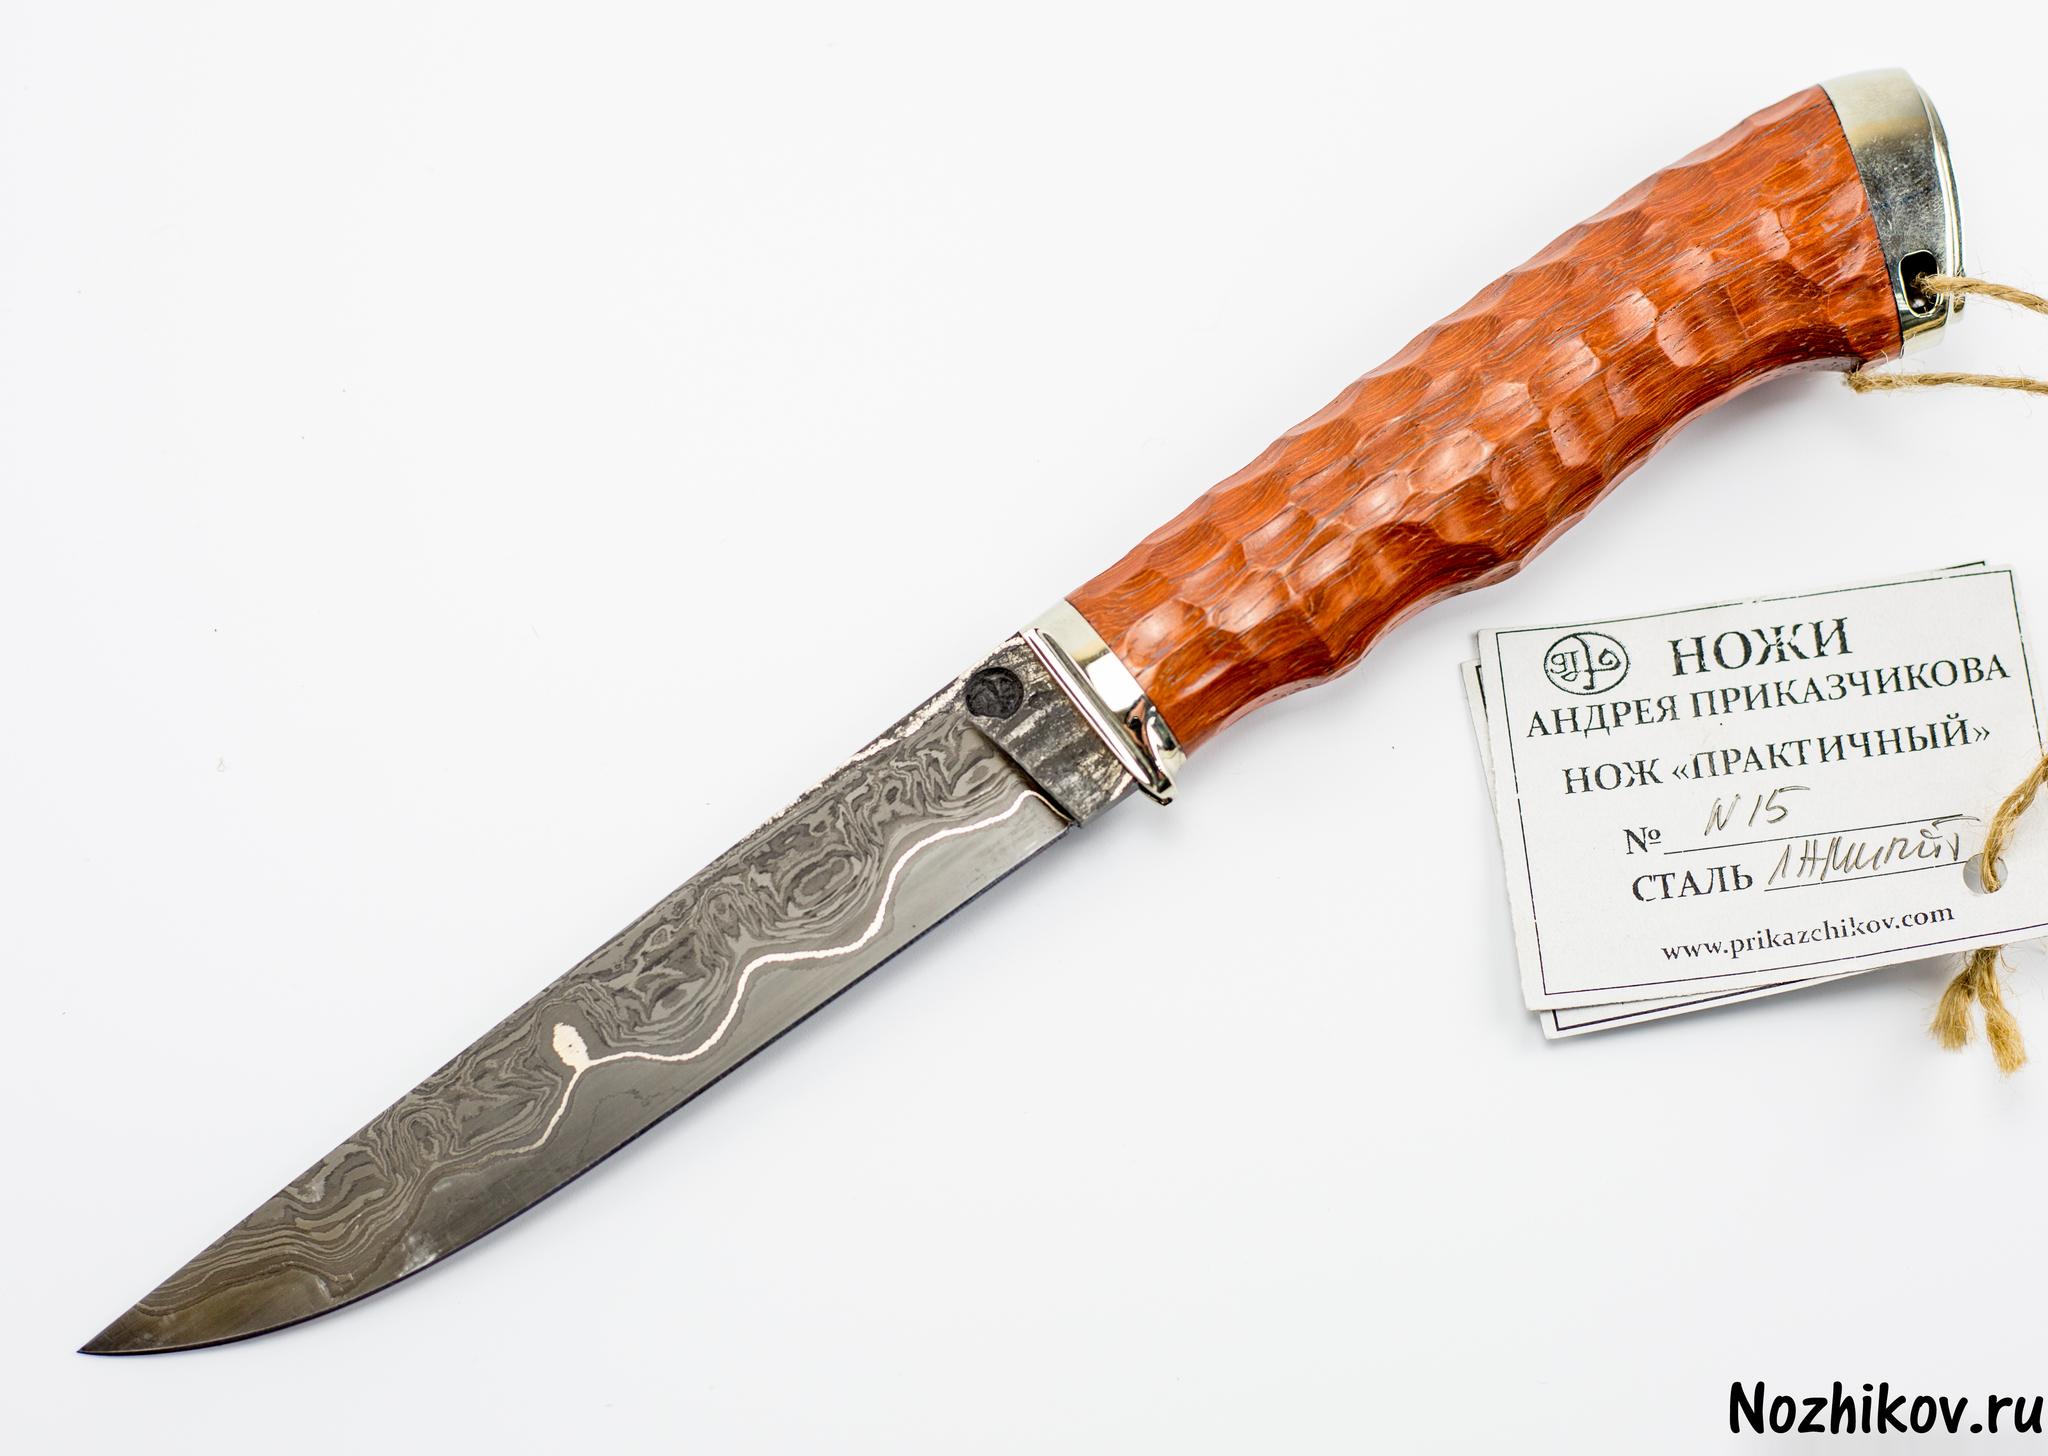 Нож Практичный №15 из Ламината, от Приказчикова